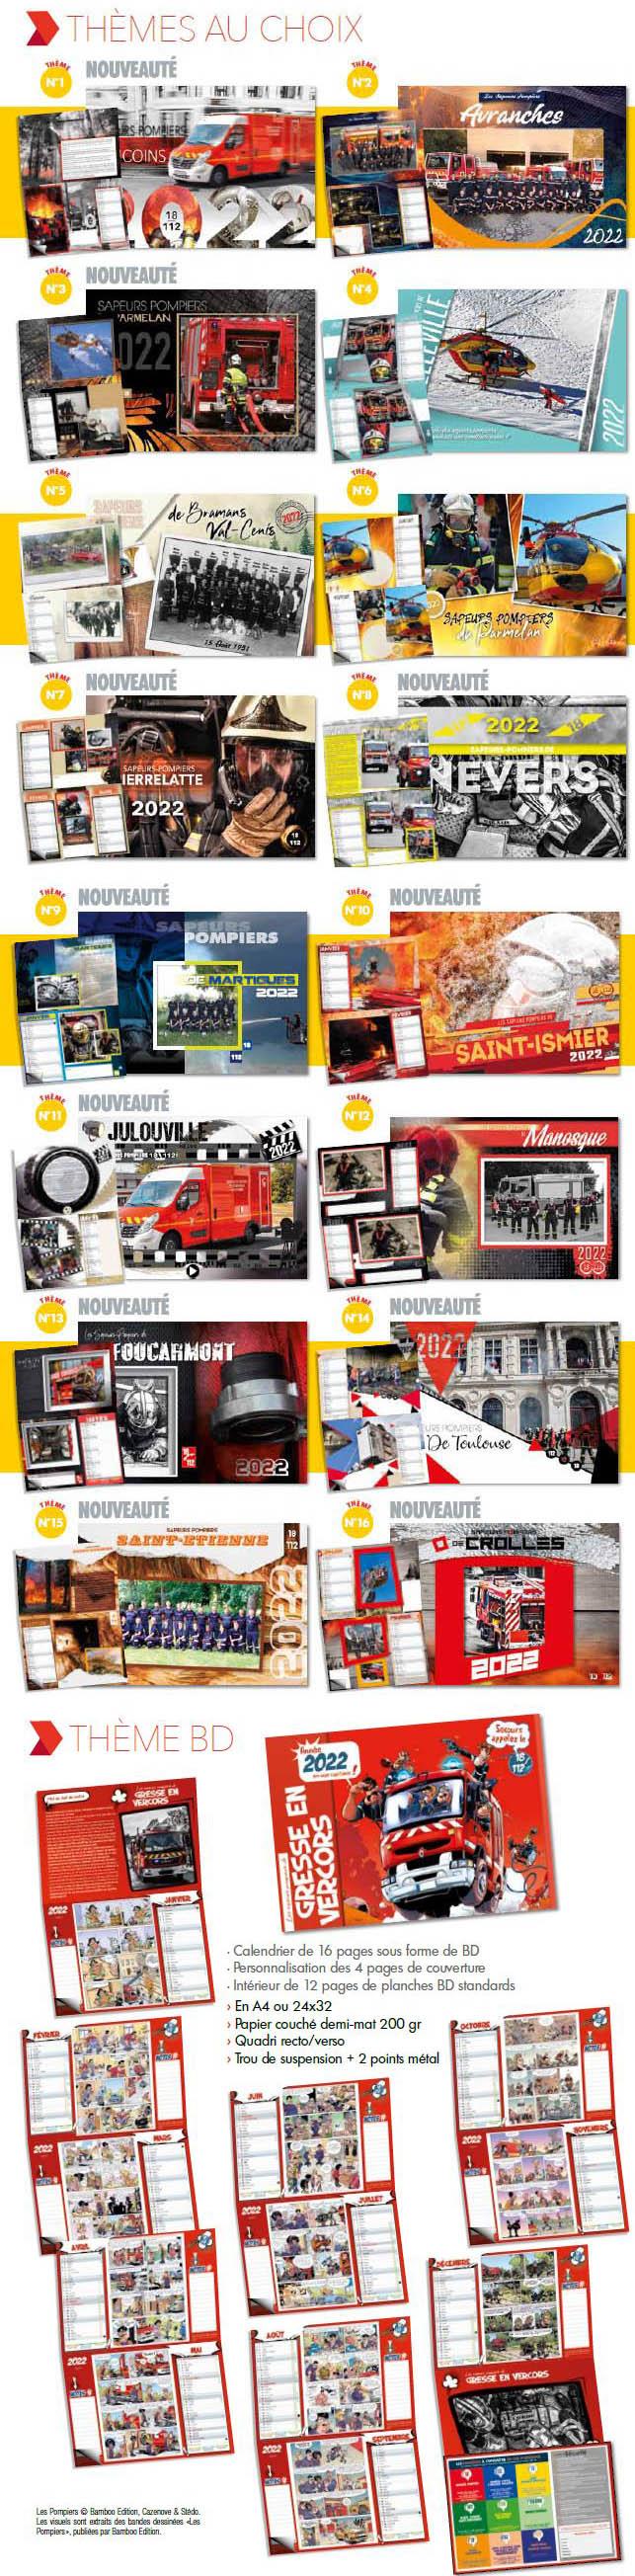 Calendrier Pompier 2022 Les thèmes 2022, sur calendriers pompiers.fr   Vos calendriers de